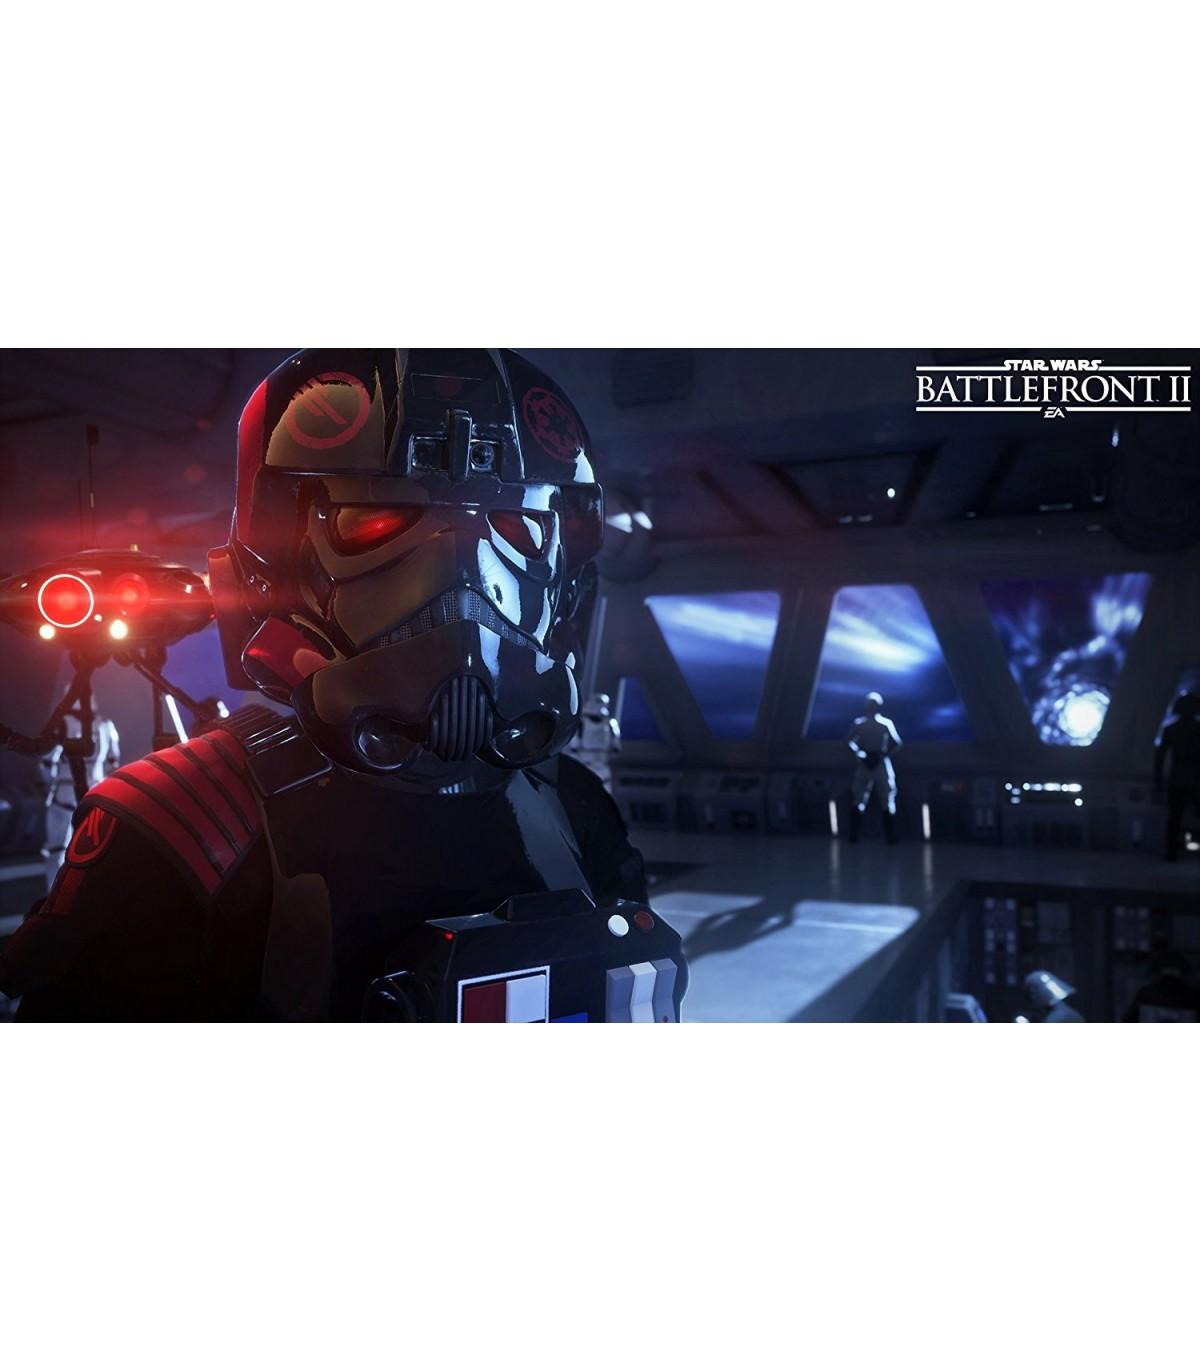 بازی Star Wars Battlefront II کارکرده - ایکس باکس وان